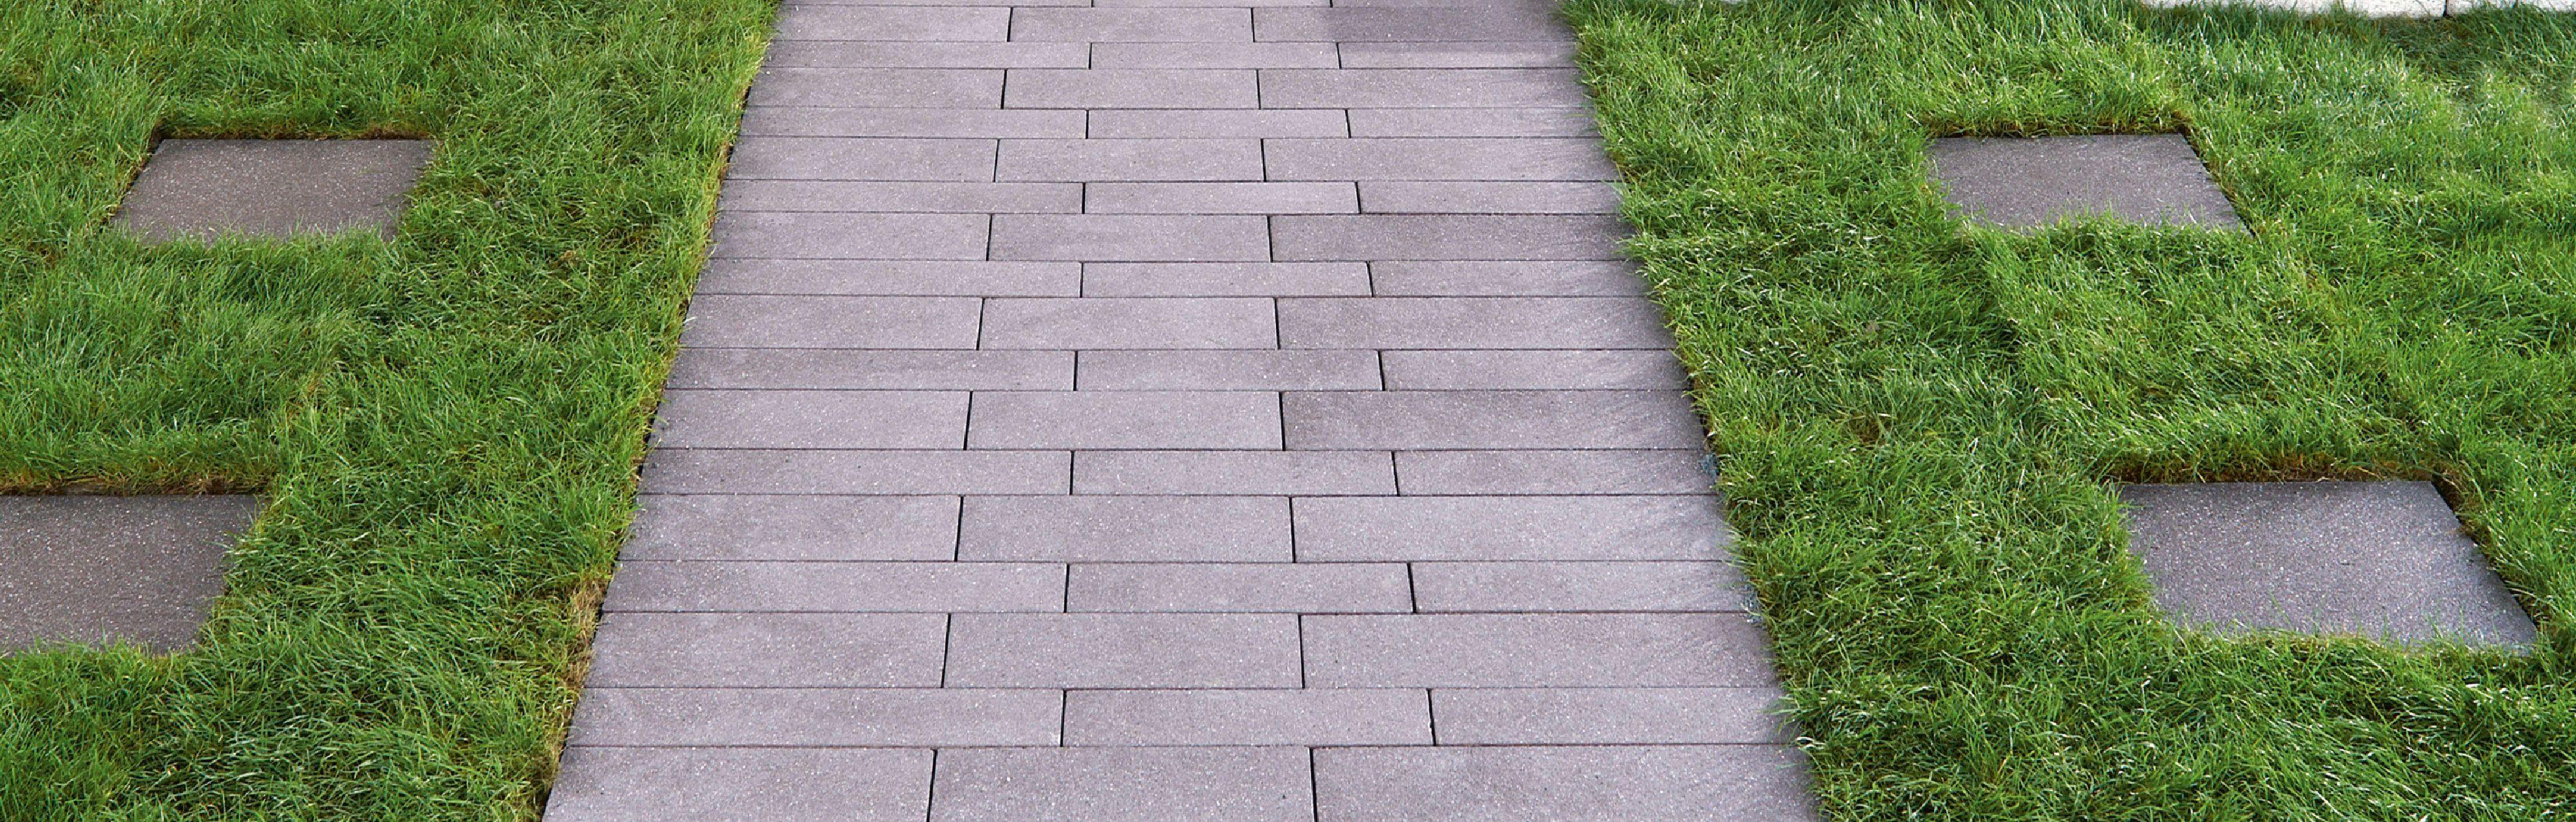 tolles ehl granit terrassenplatten website bild oder bdadfbdbcbaf